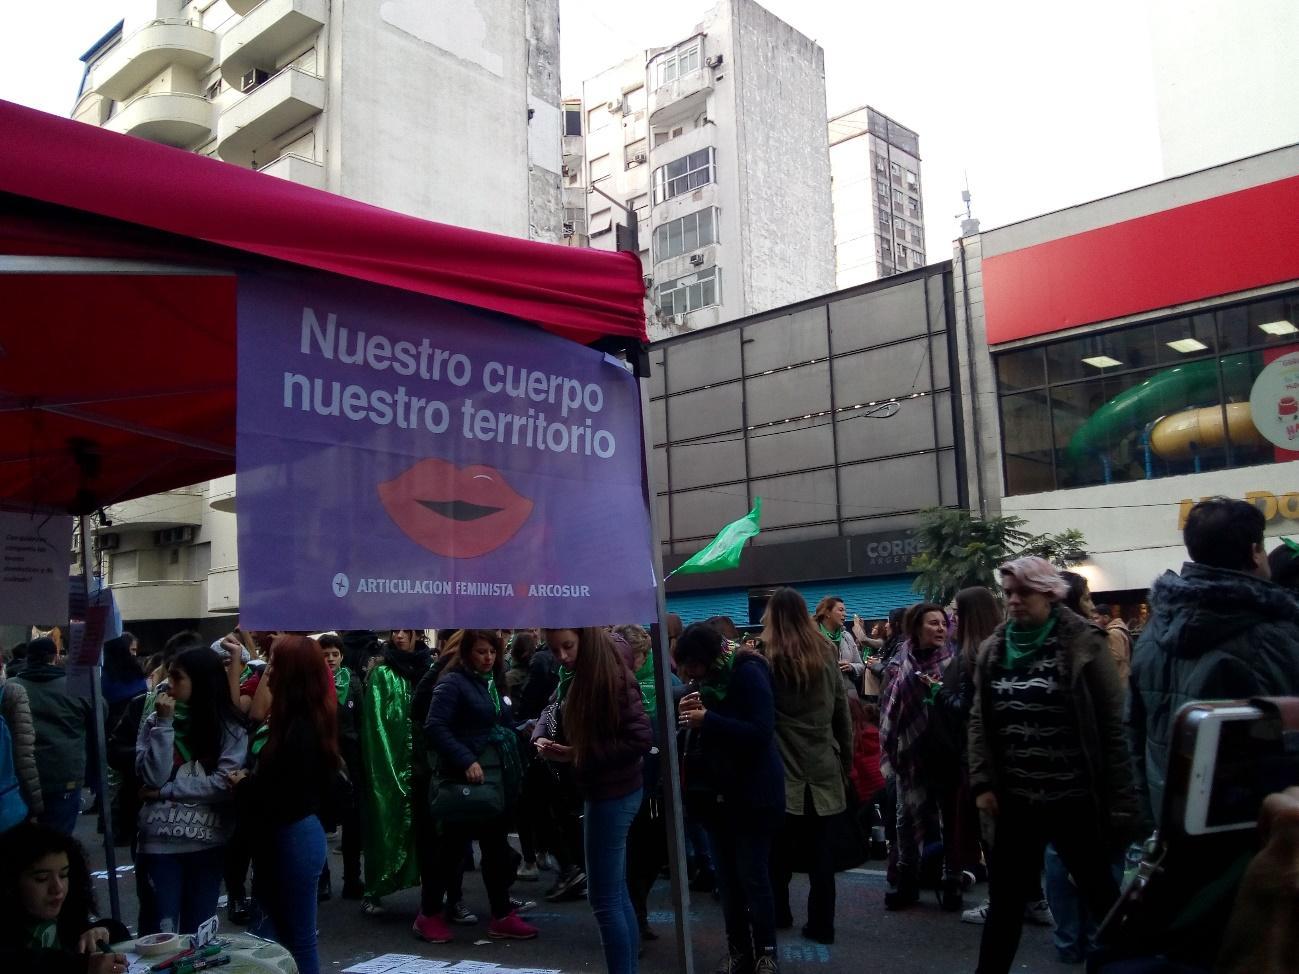 Una multitud de gente en la calle  Descripción generada automáticamente